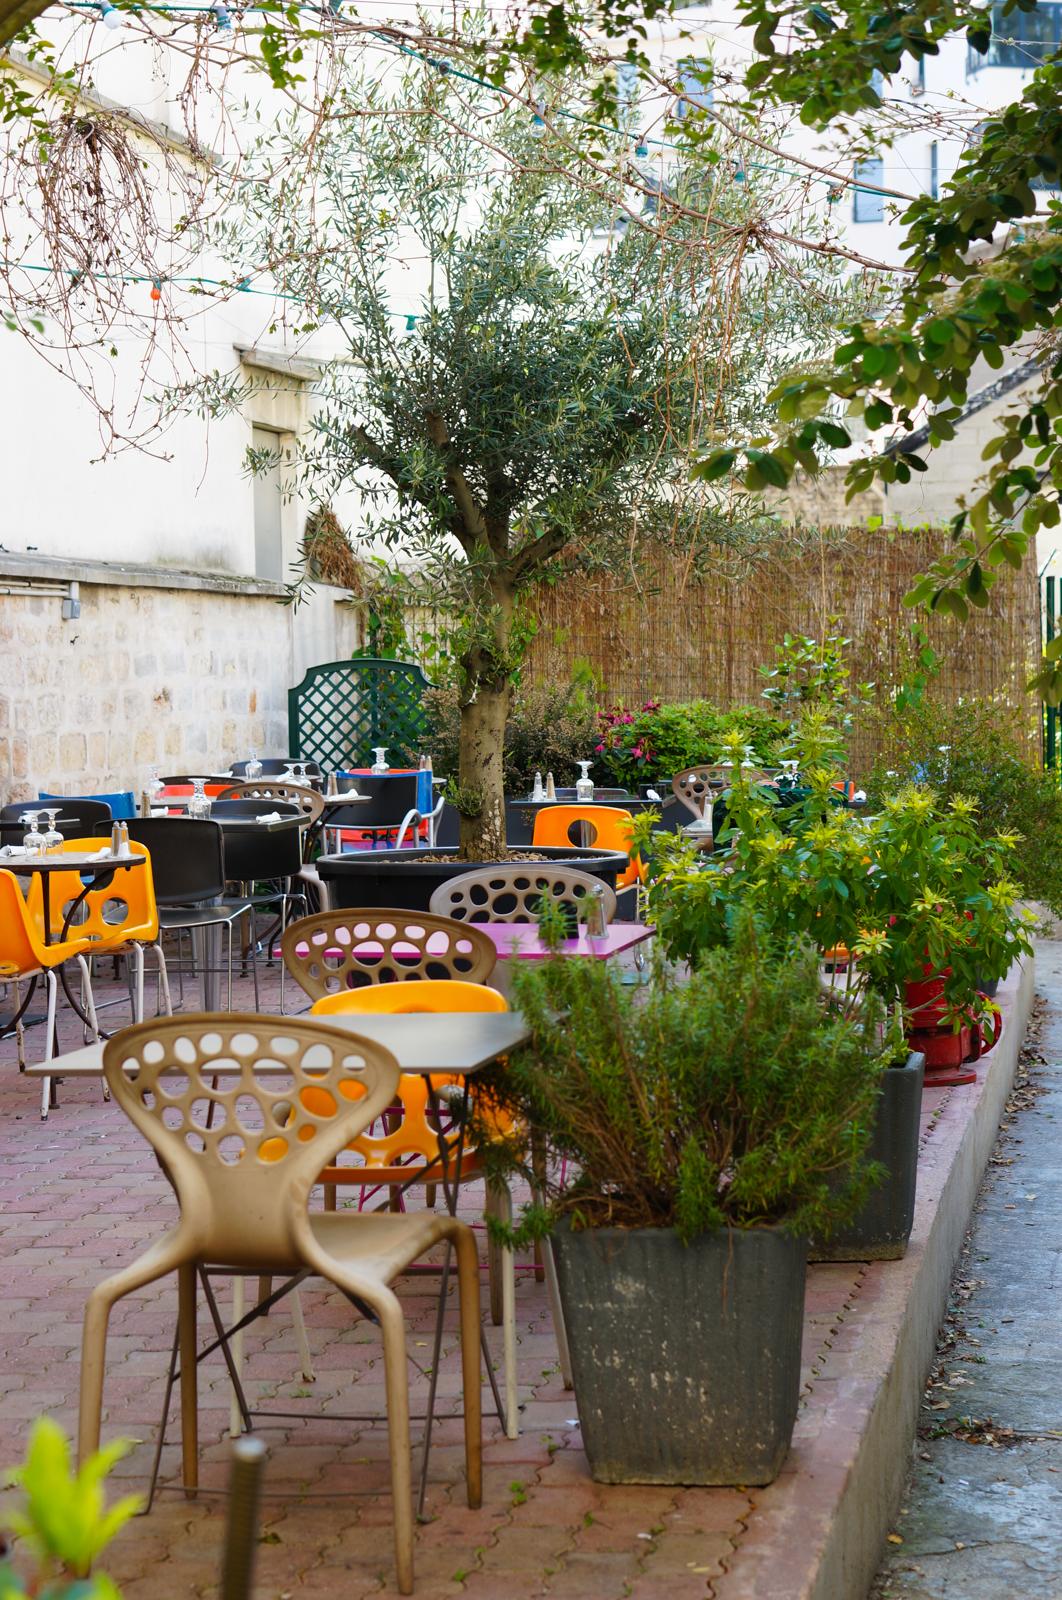 guide l'autre paris, paris 20, idée balade paris, paris insolite, paris autrement, paris secret,nicolas le goff, café au fond du jardin, au fond du jardin rue pelleport